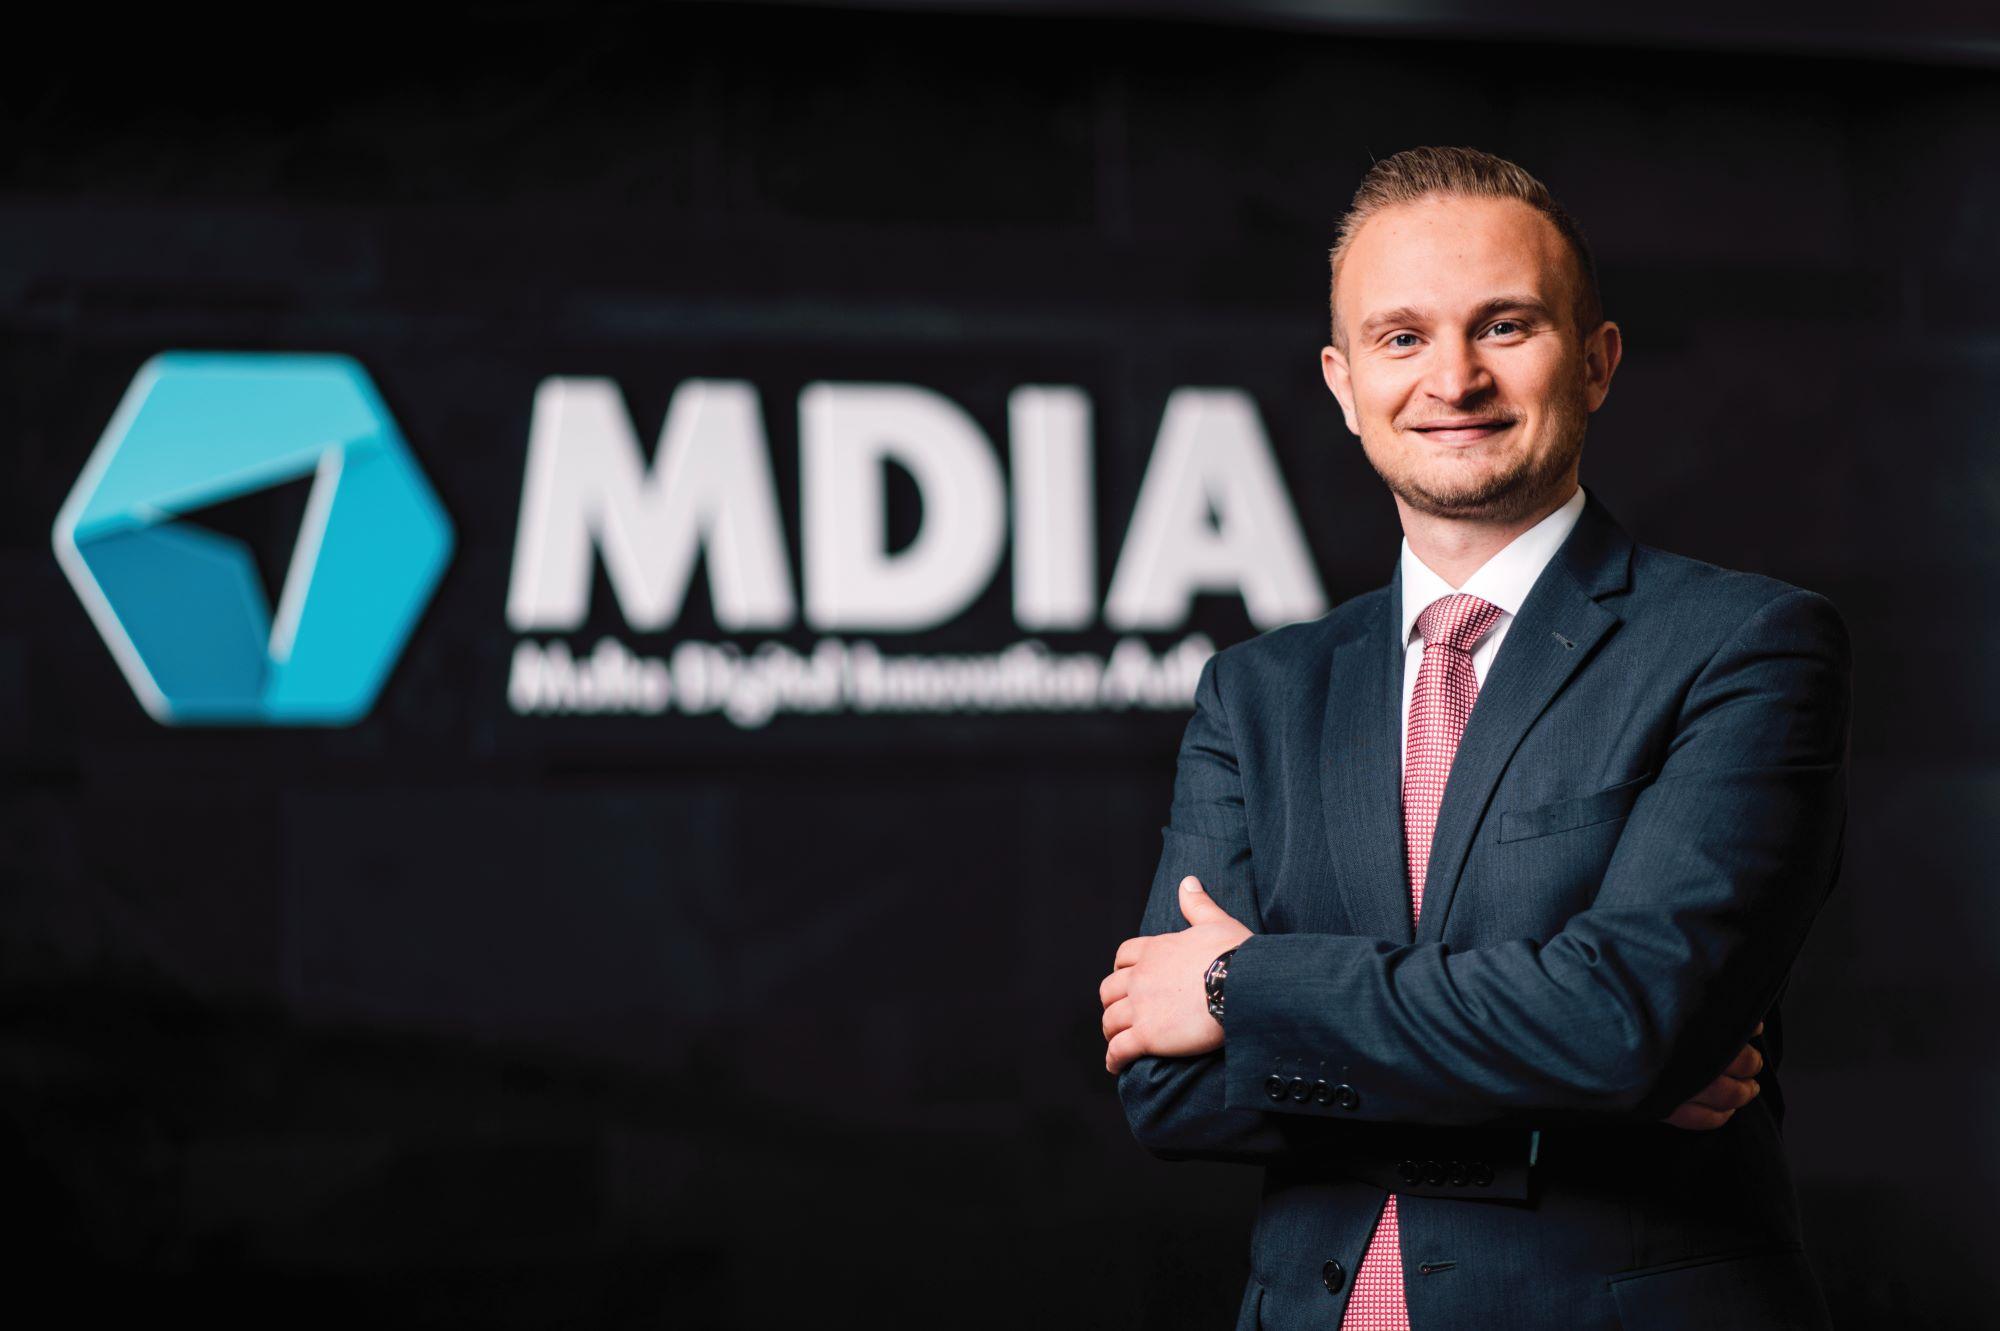 MDIA COO Francois Piccione